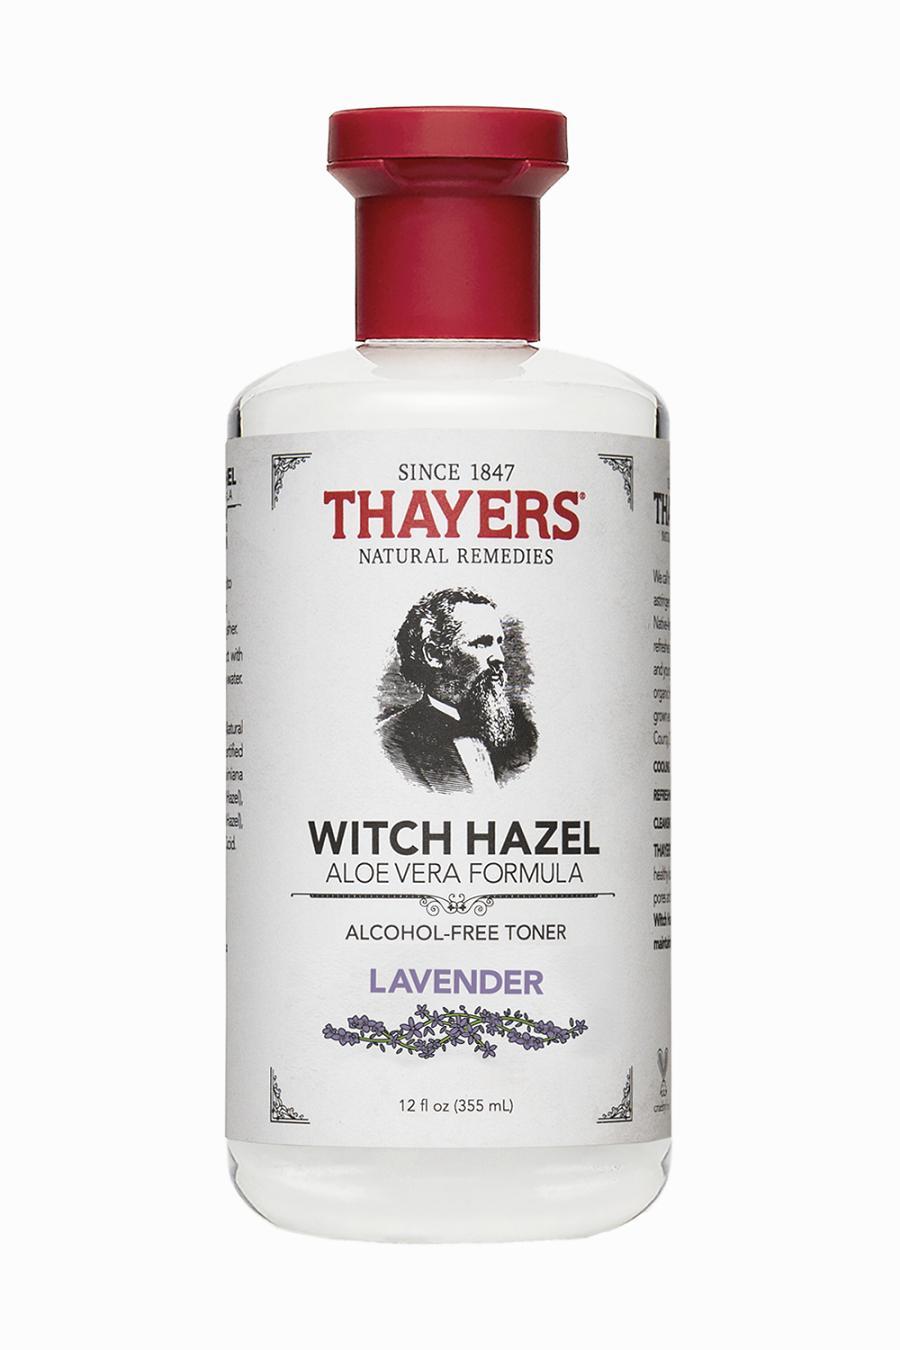 Mua Nước Hoa Hồng Khong Cồn Thayers Alcohol Free Lavender Witch Hazel Toner 355Ml Hương Lavender Danh Cho Da Mụn Mới Nhất